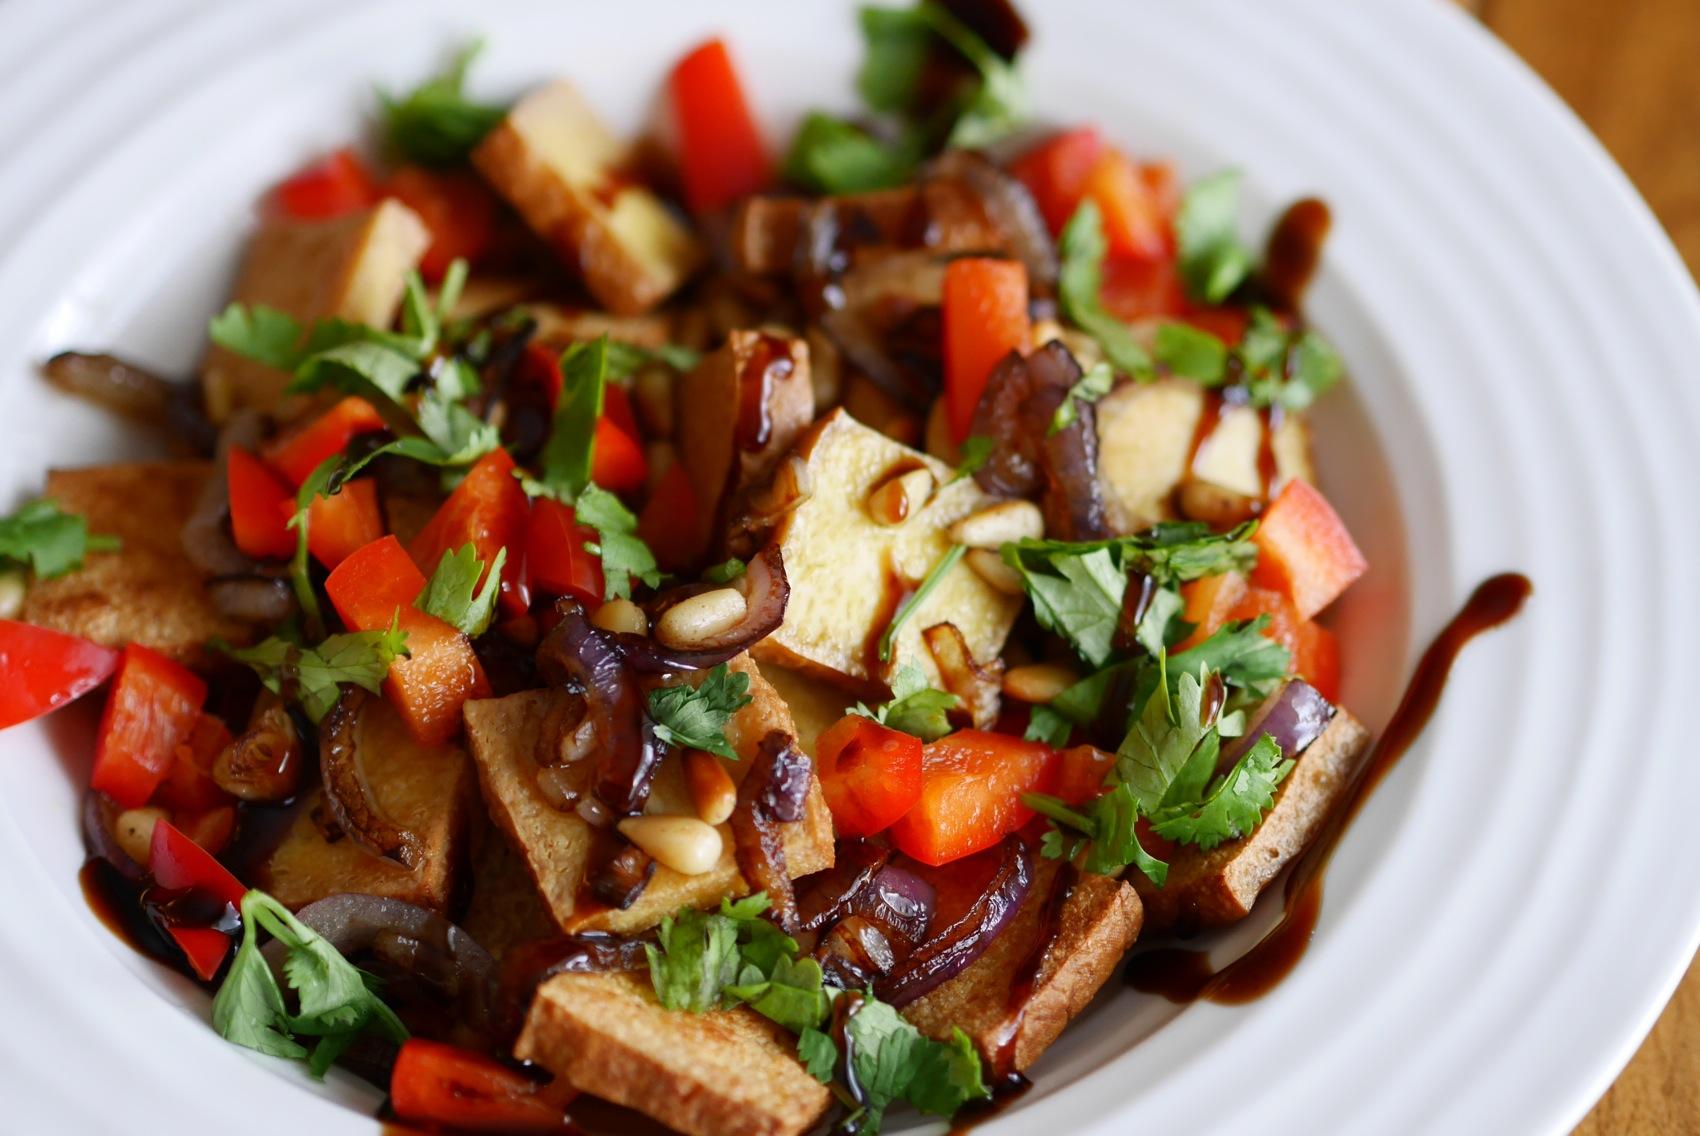 La touche finale: un coulis balsamique à la figue... Voilà une belle salade végé!